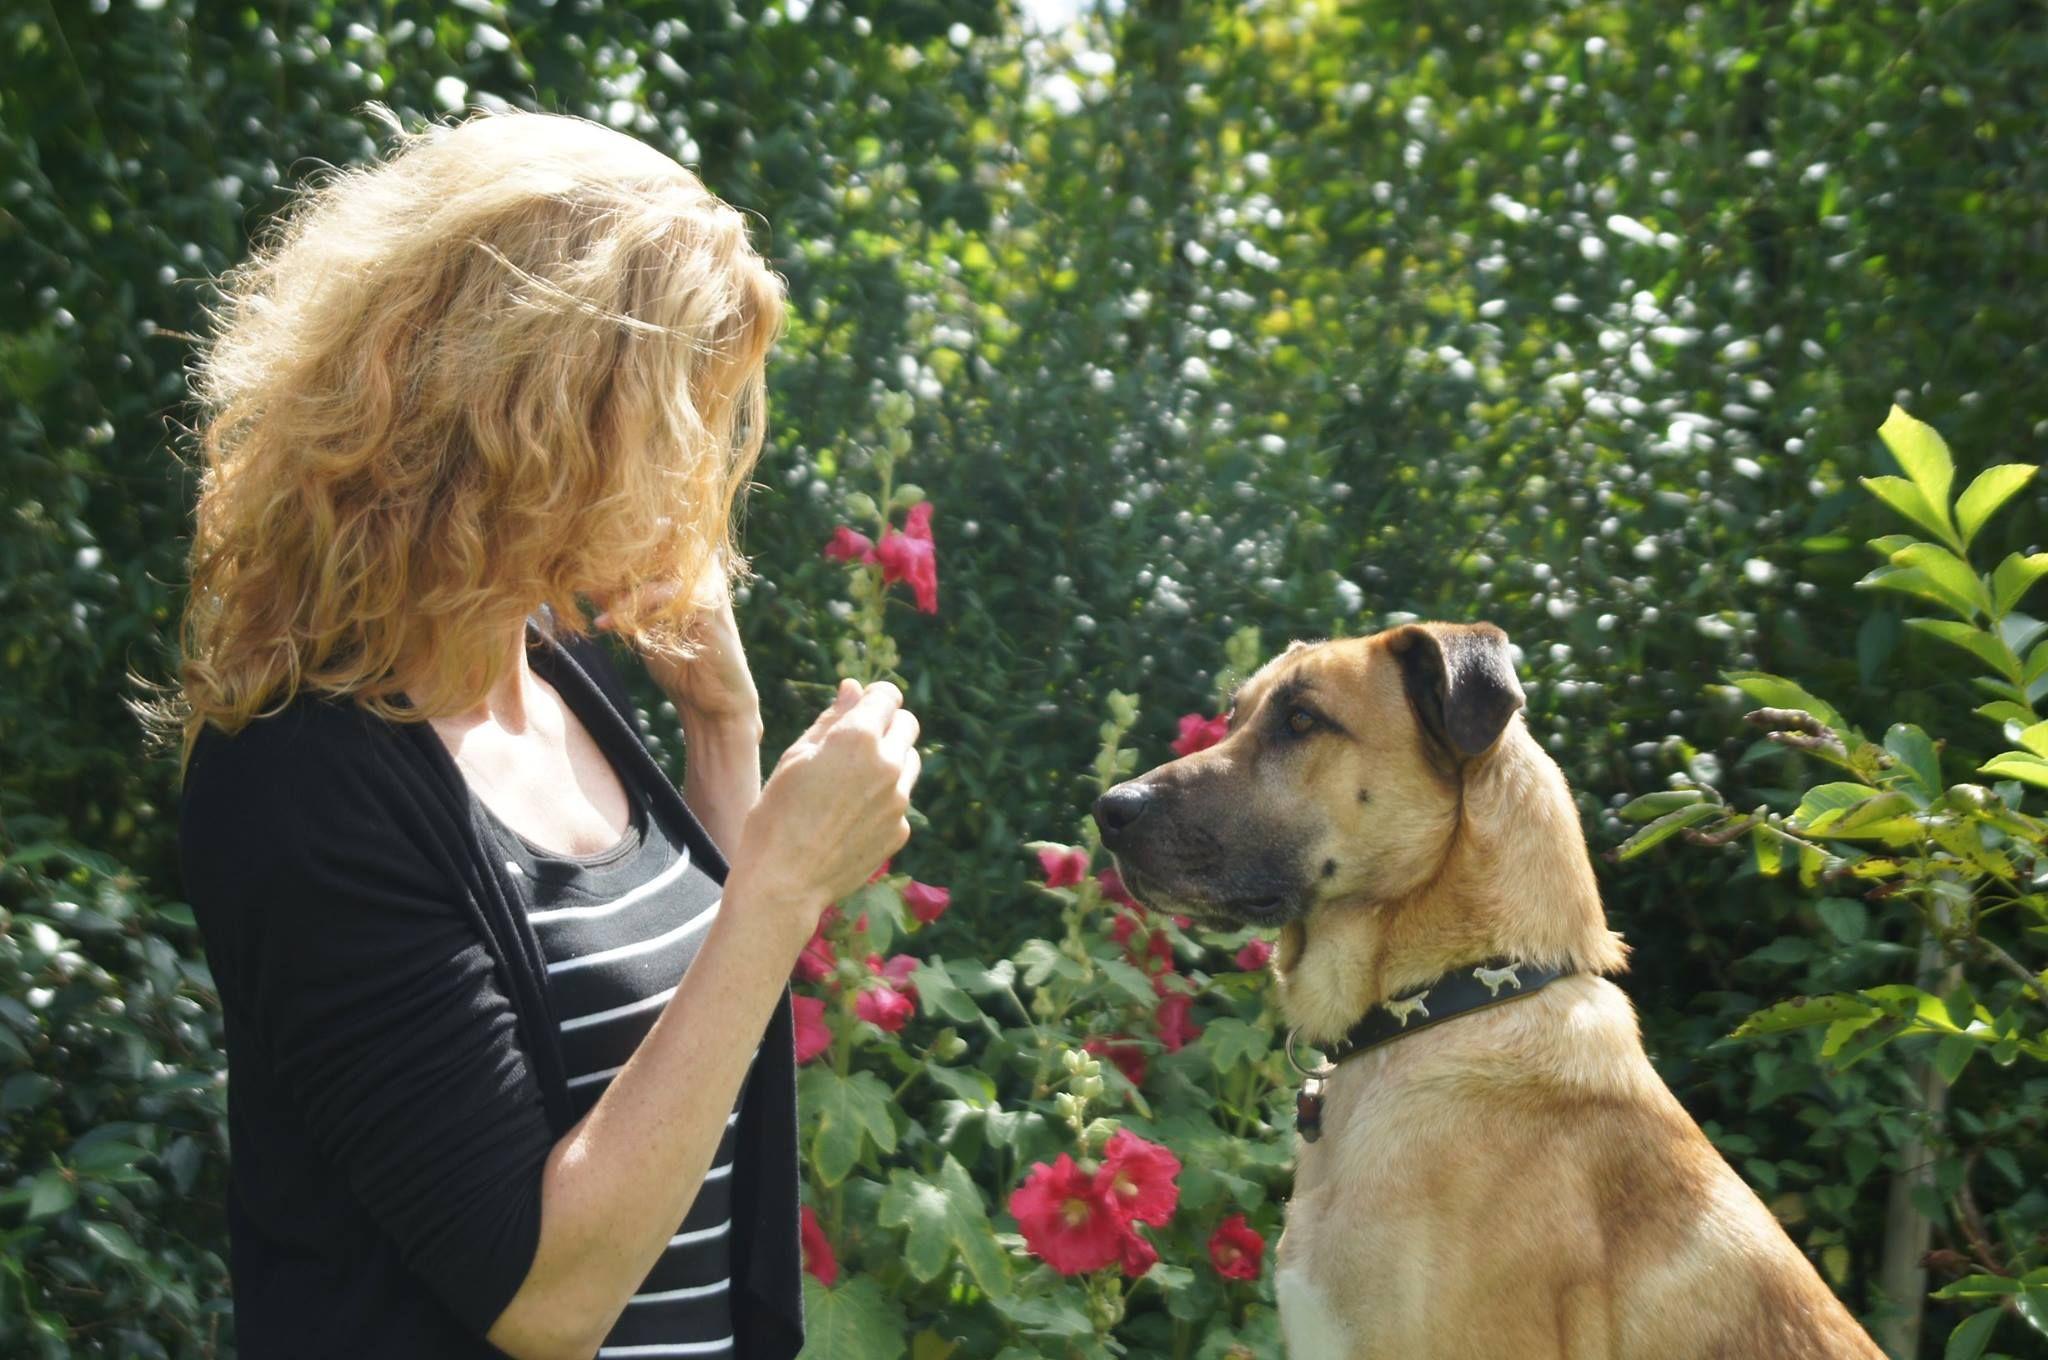 La nueva vida de Rubio, el perro callejero que fue adoptado por una azafata alemana